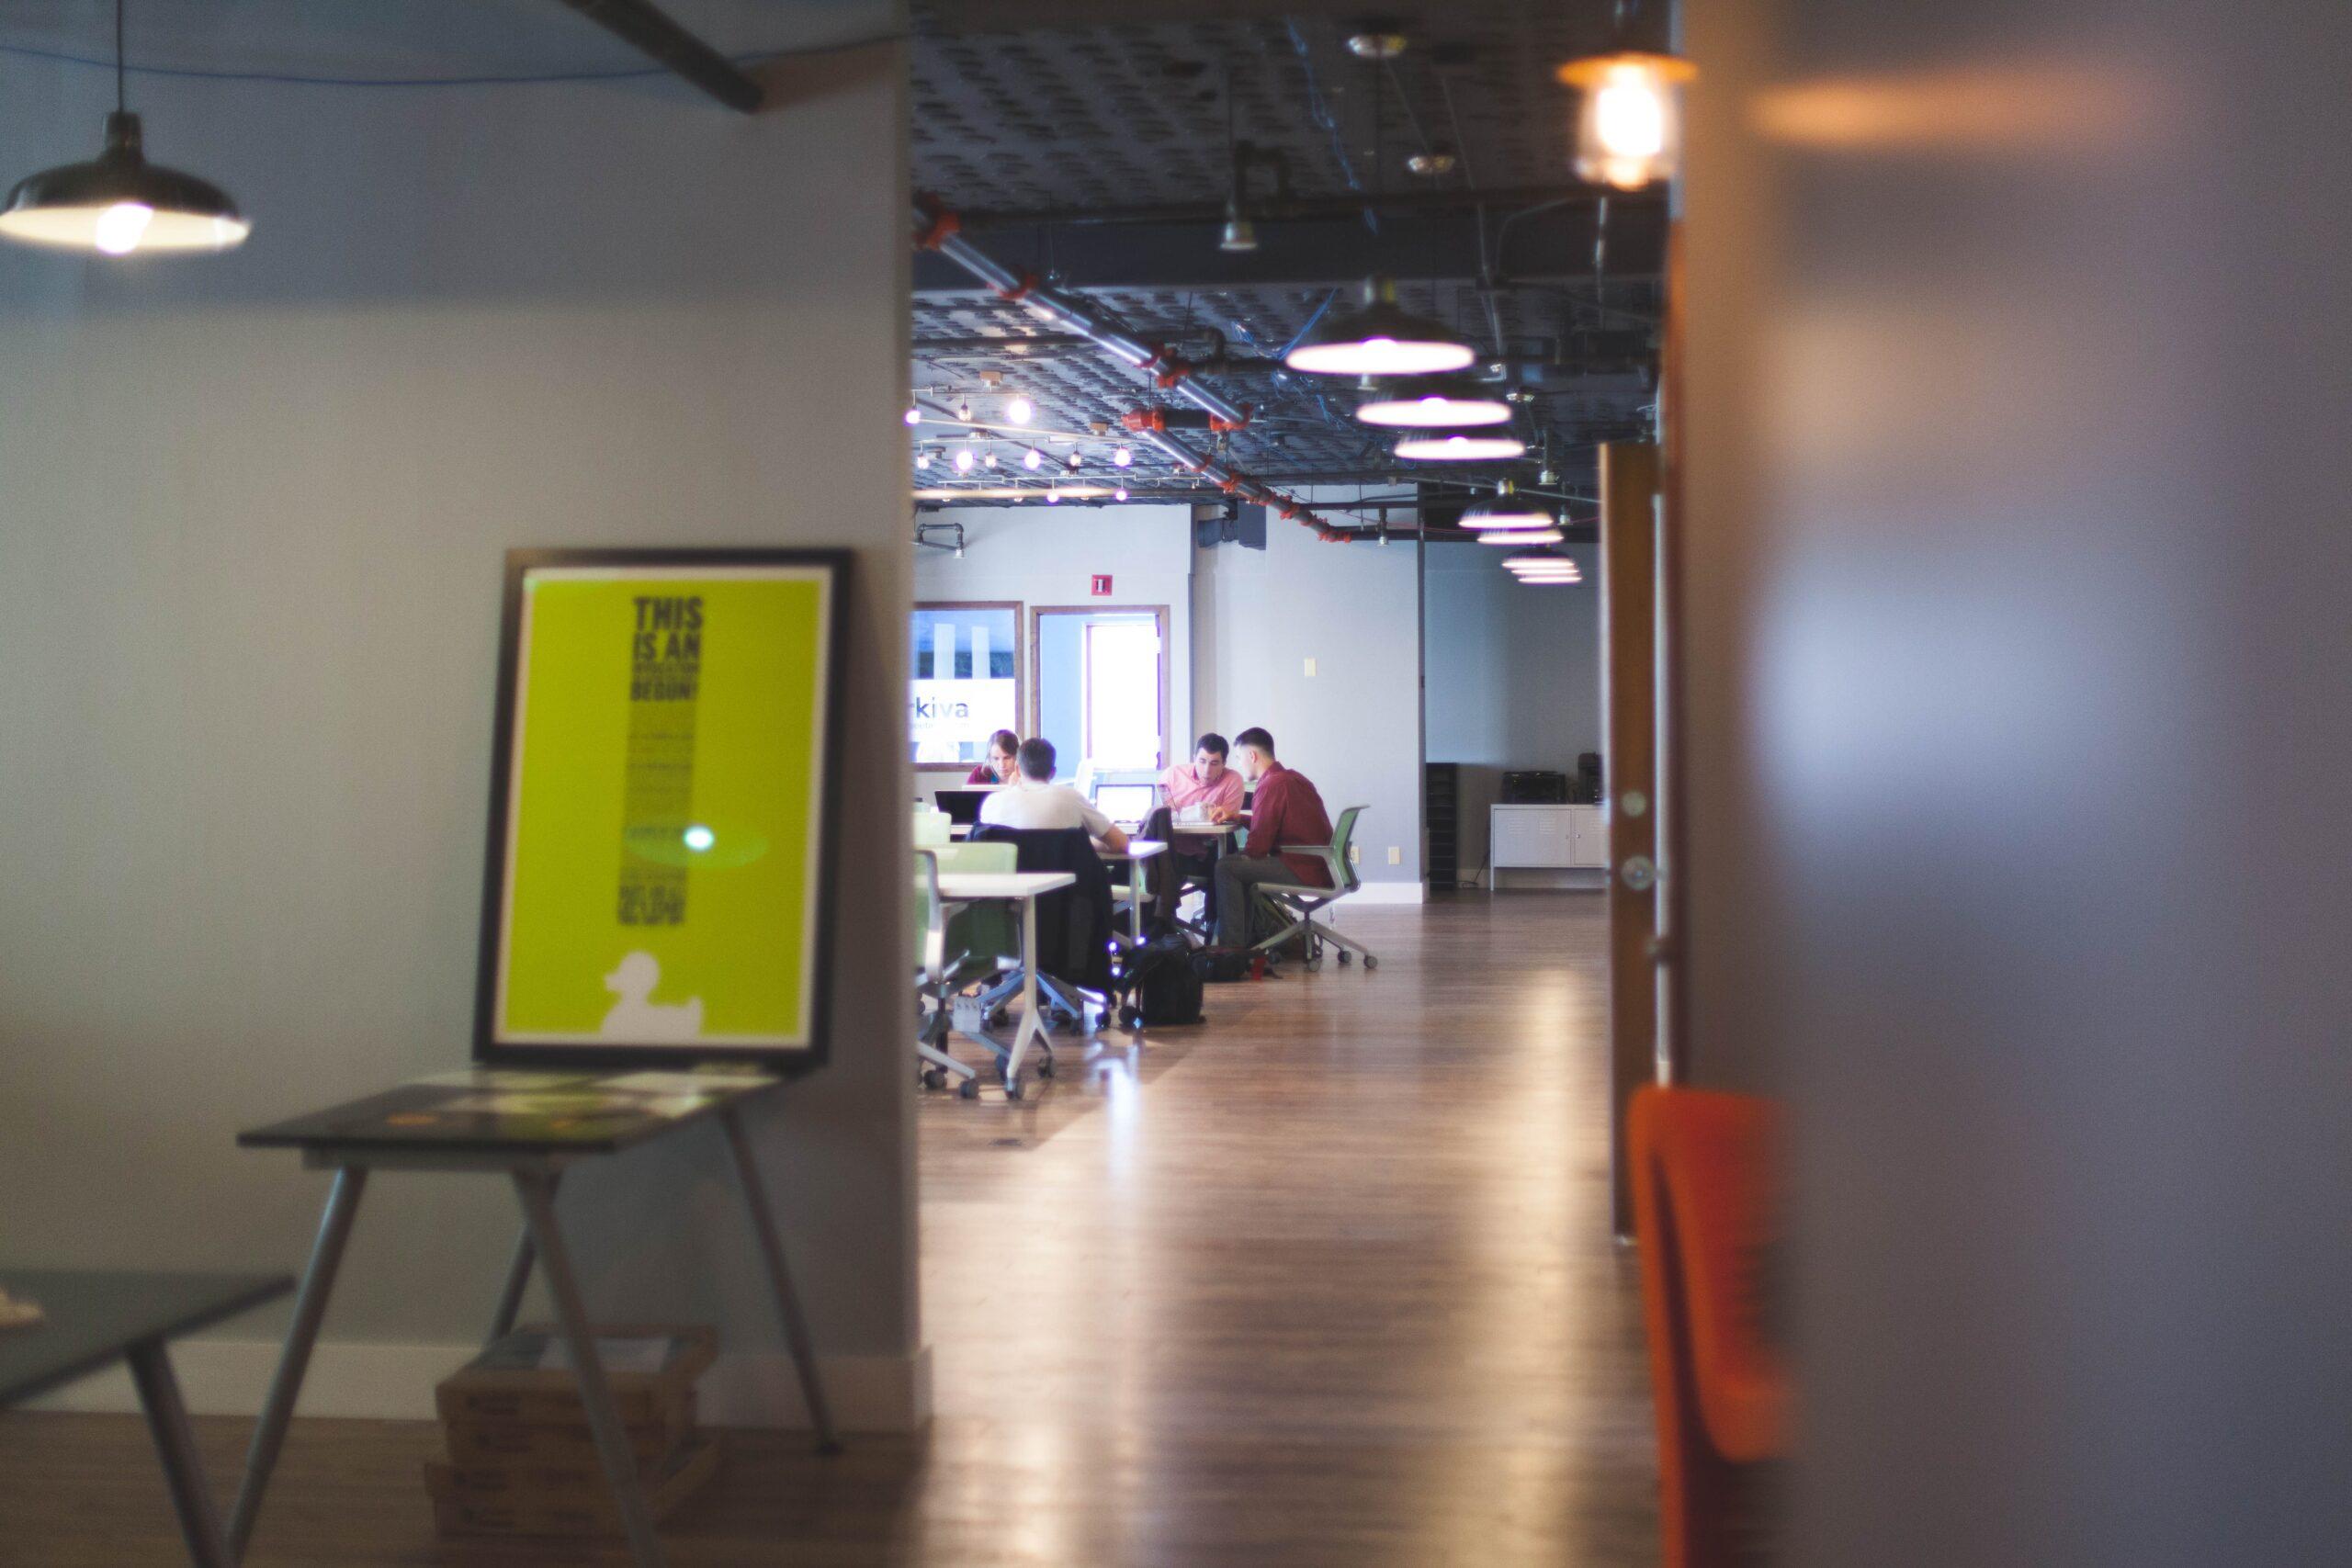 オフィスにリラックススペースの設置が重要である理由